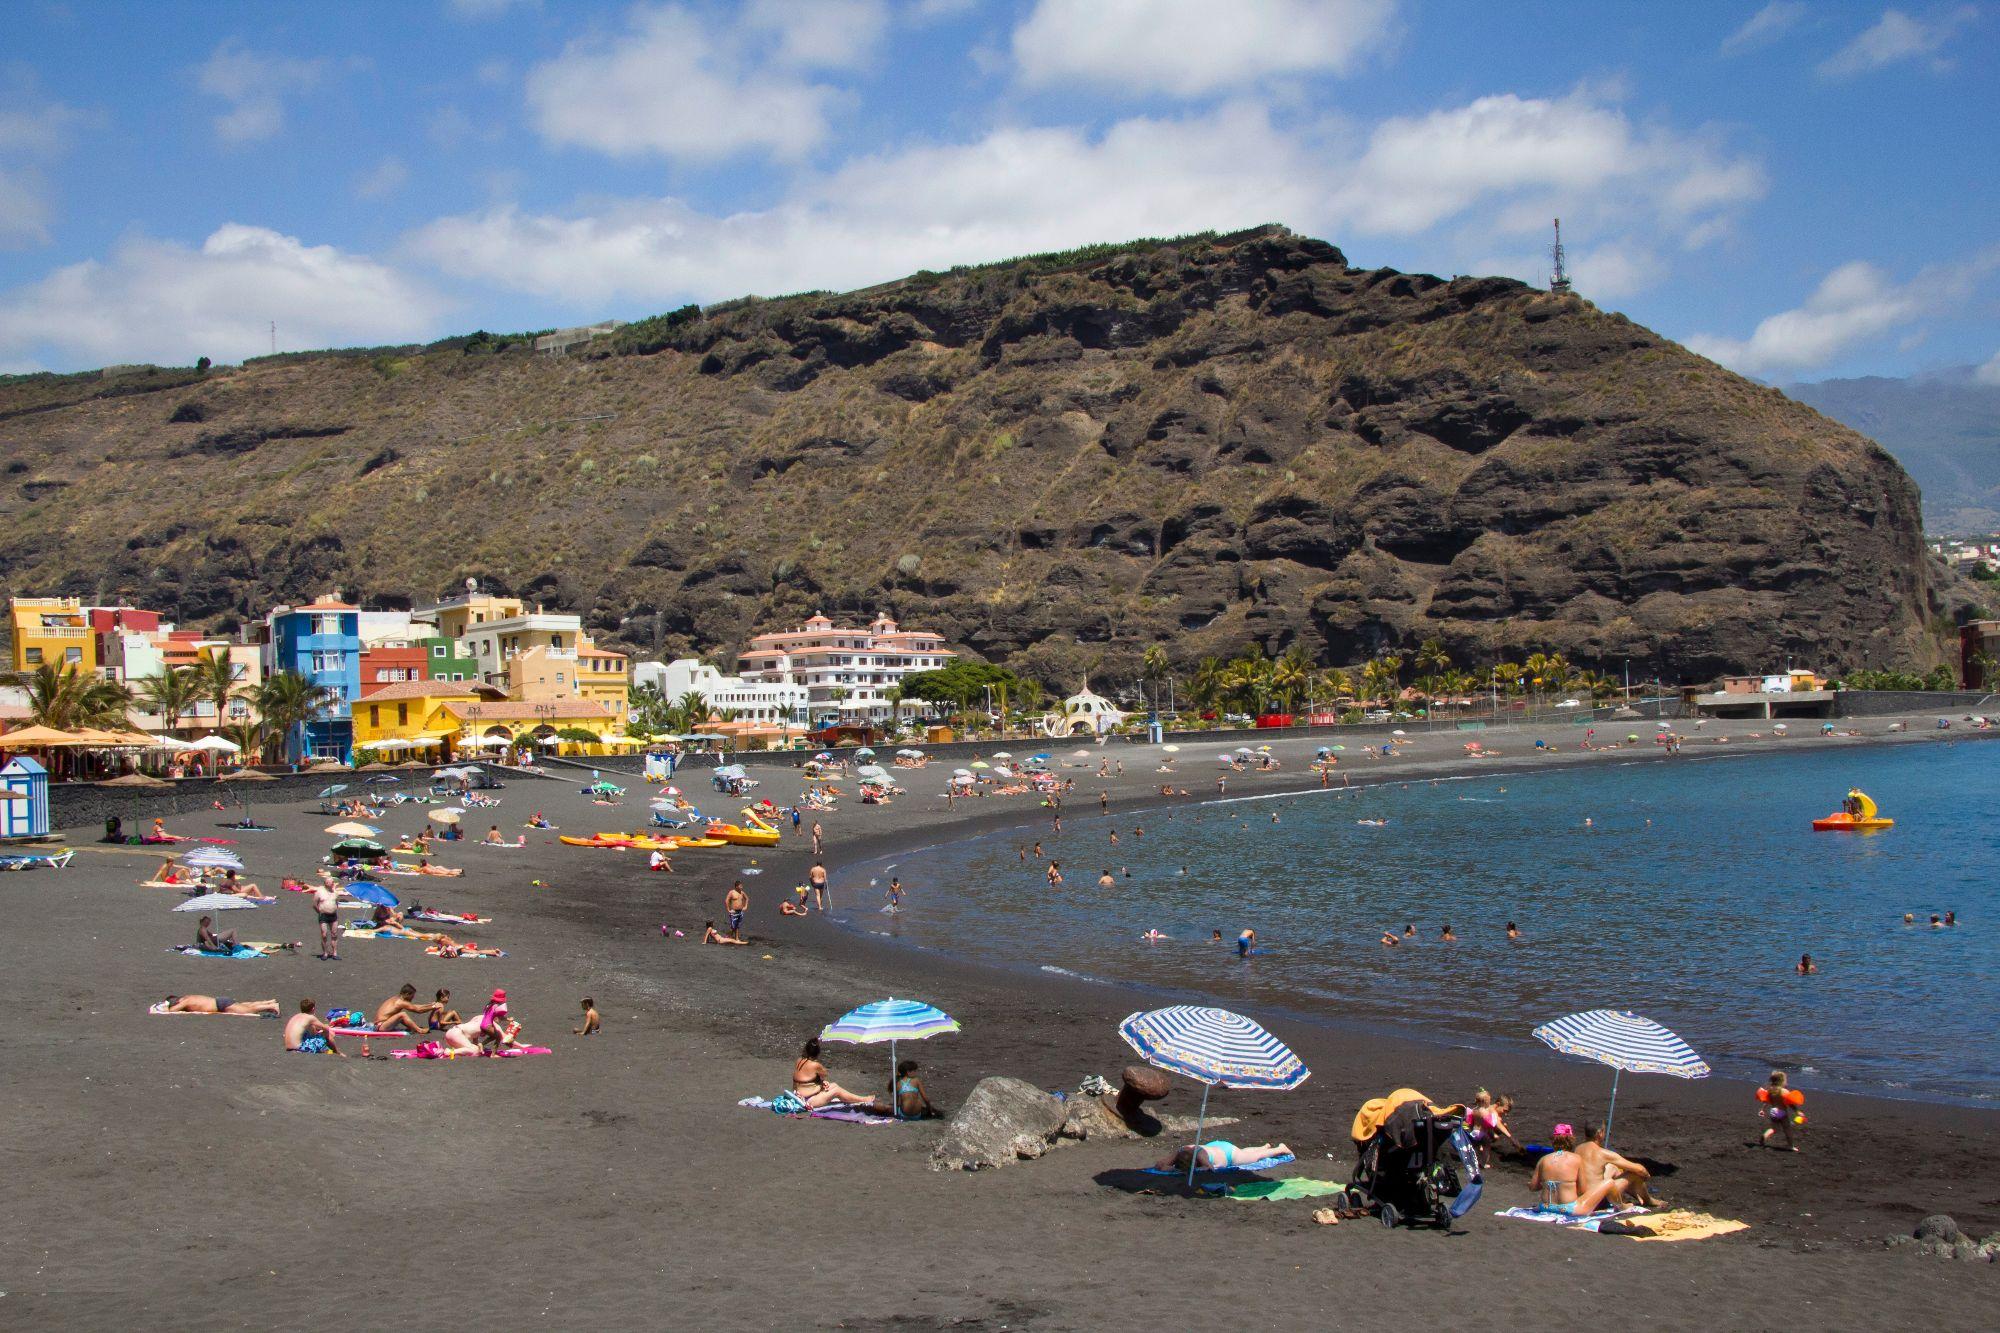 Puerto de Tazacorte beach playa